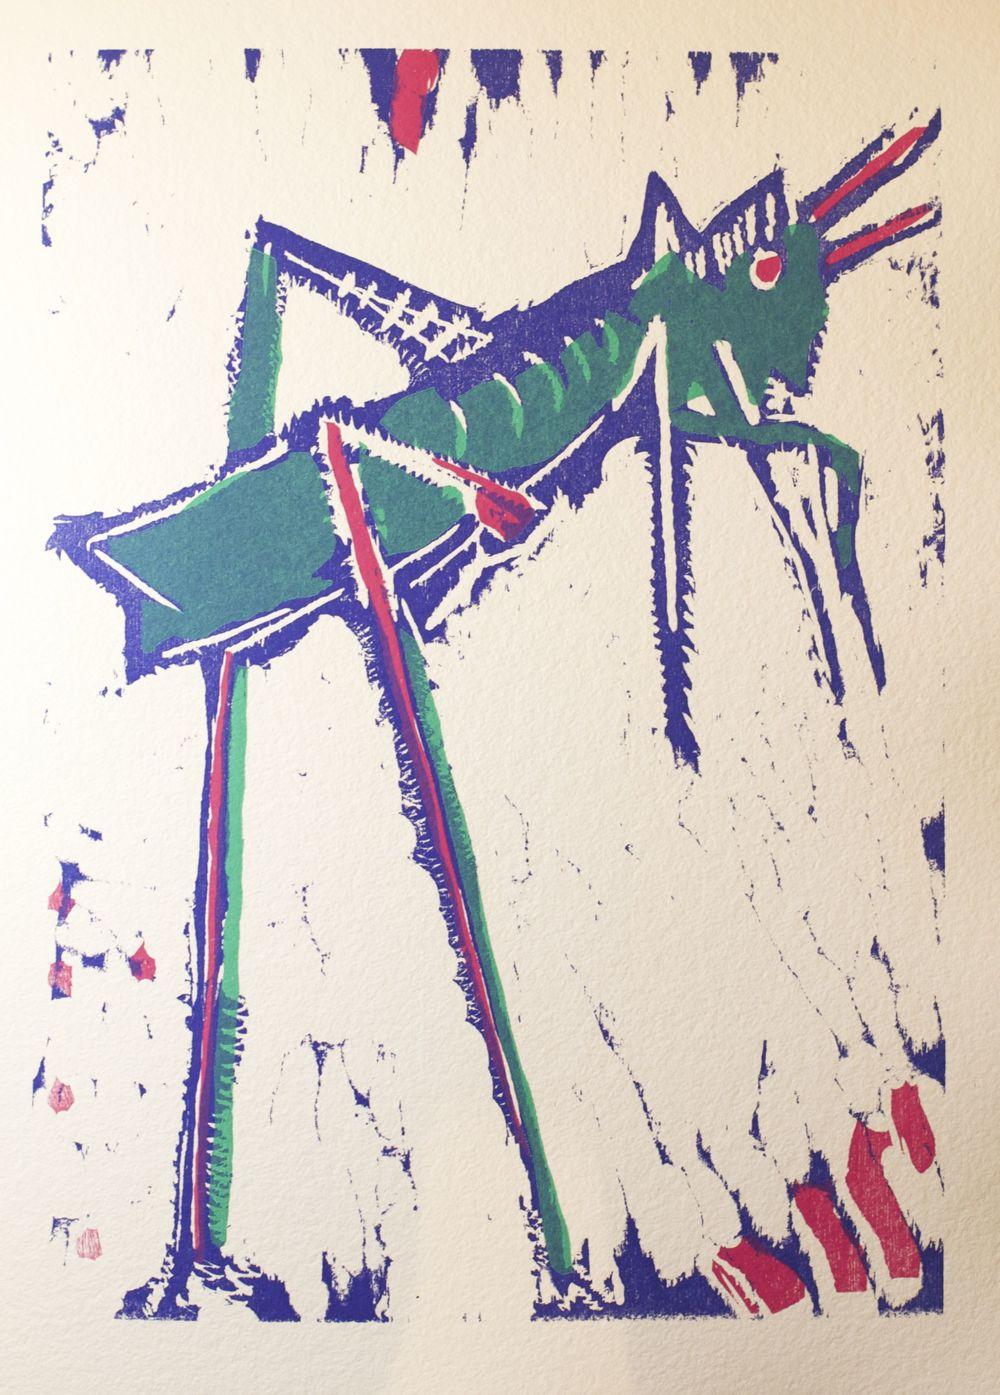 The Grasshopper (La Sauterelle)